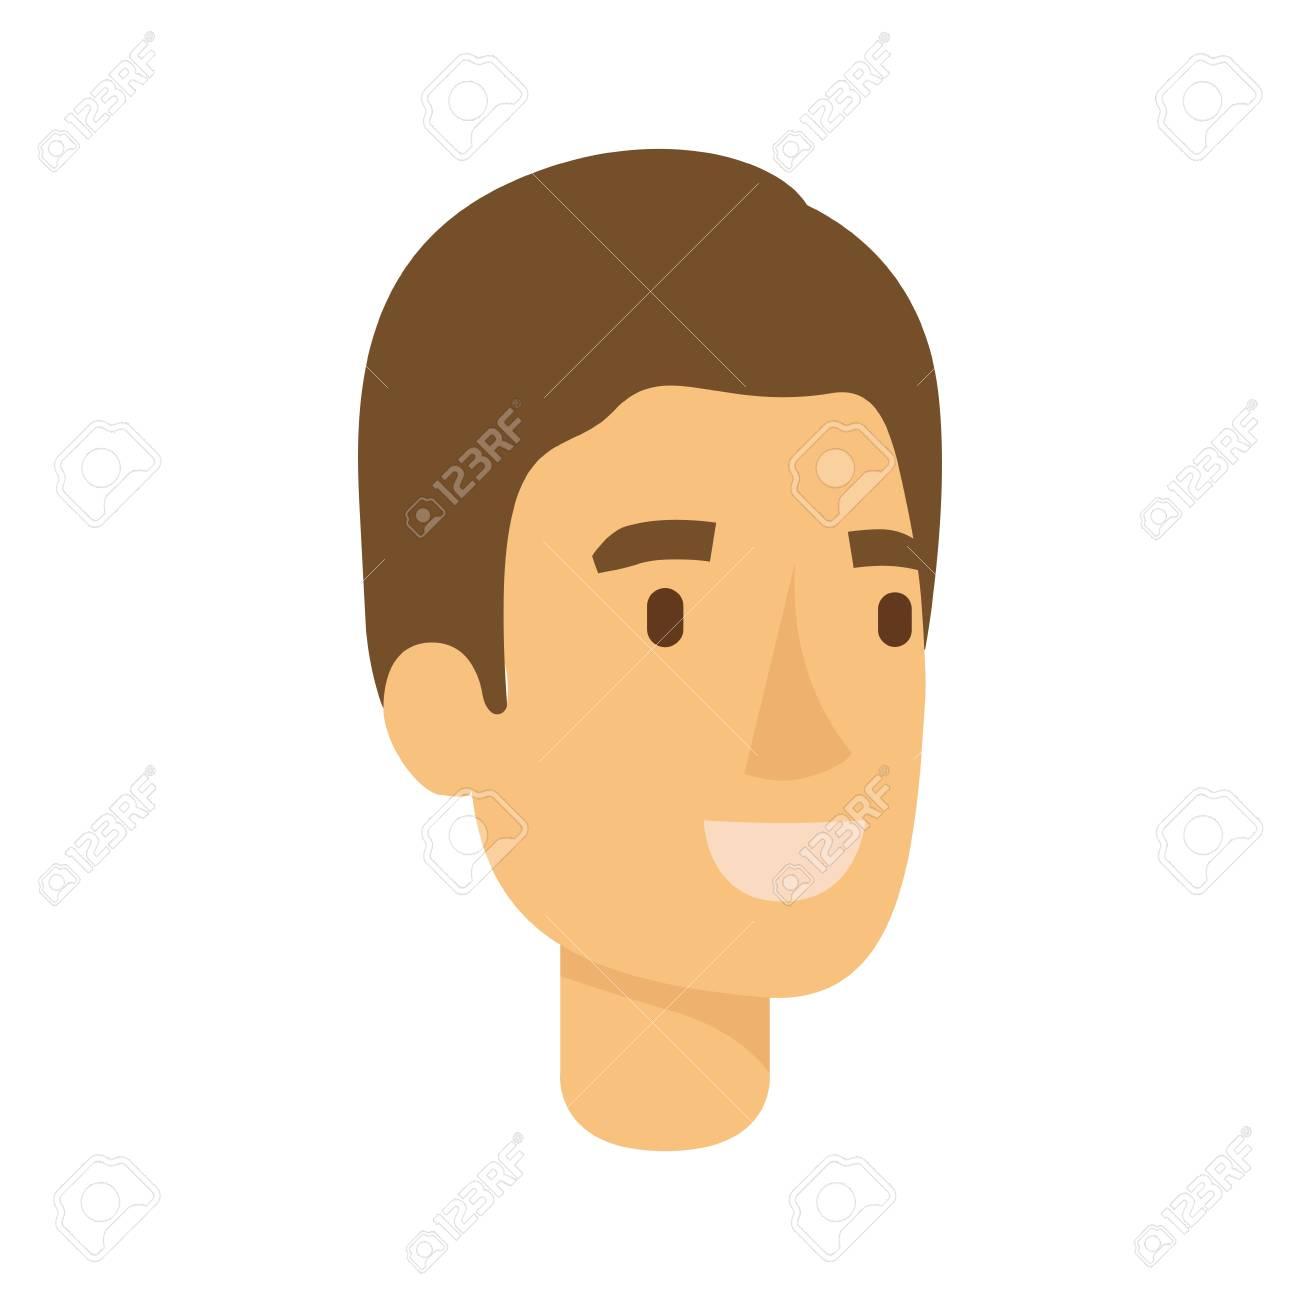 Foto de archivo - Silueta colorida de la cara del hombre con el pelo castaño  claro y la ilustración de vector corto 88cf51c8f44